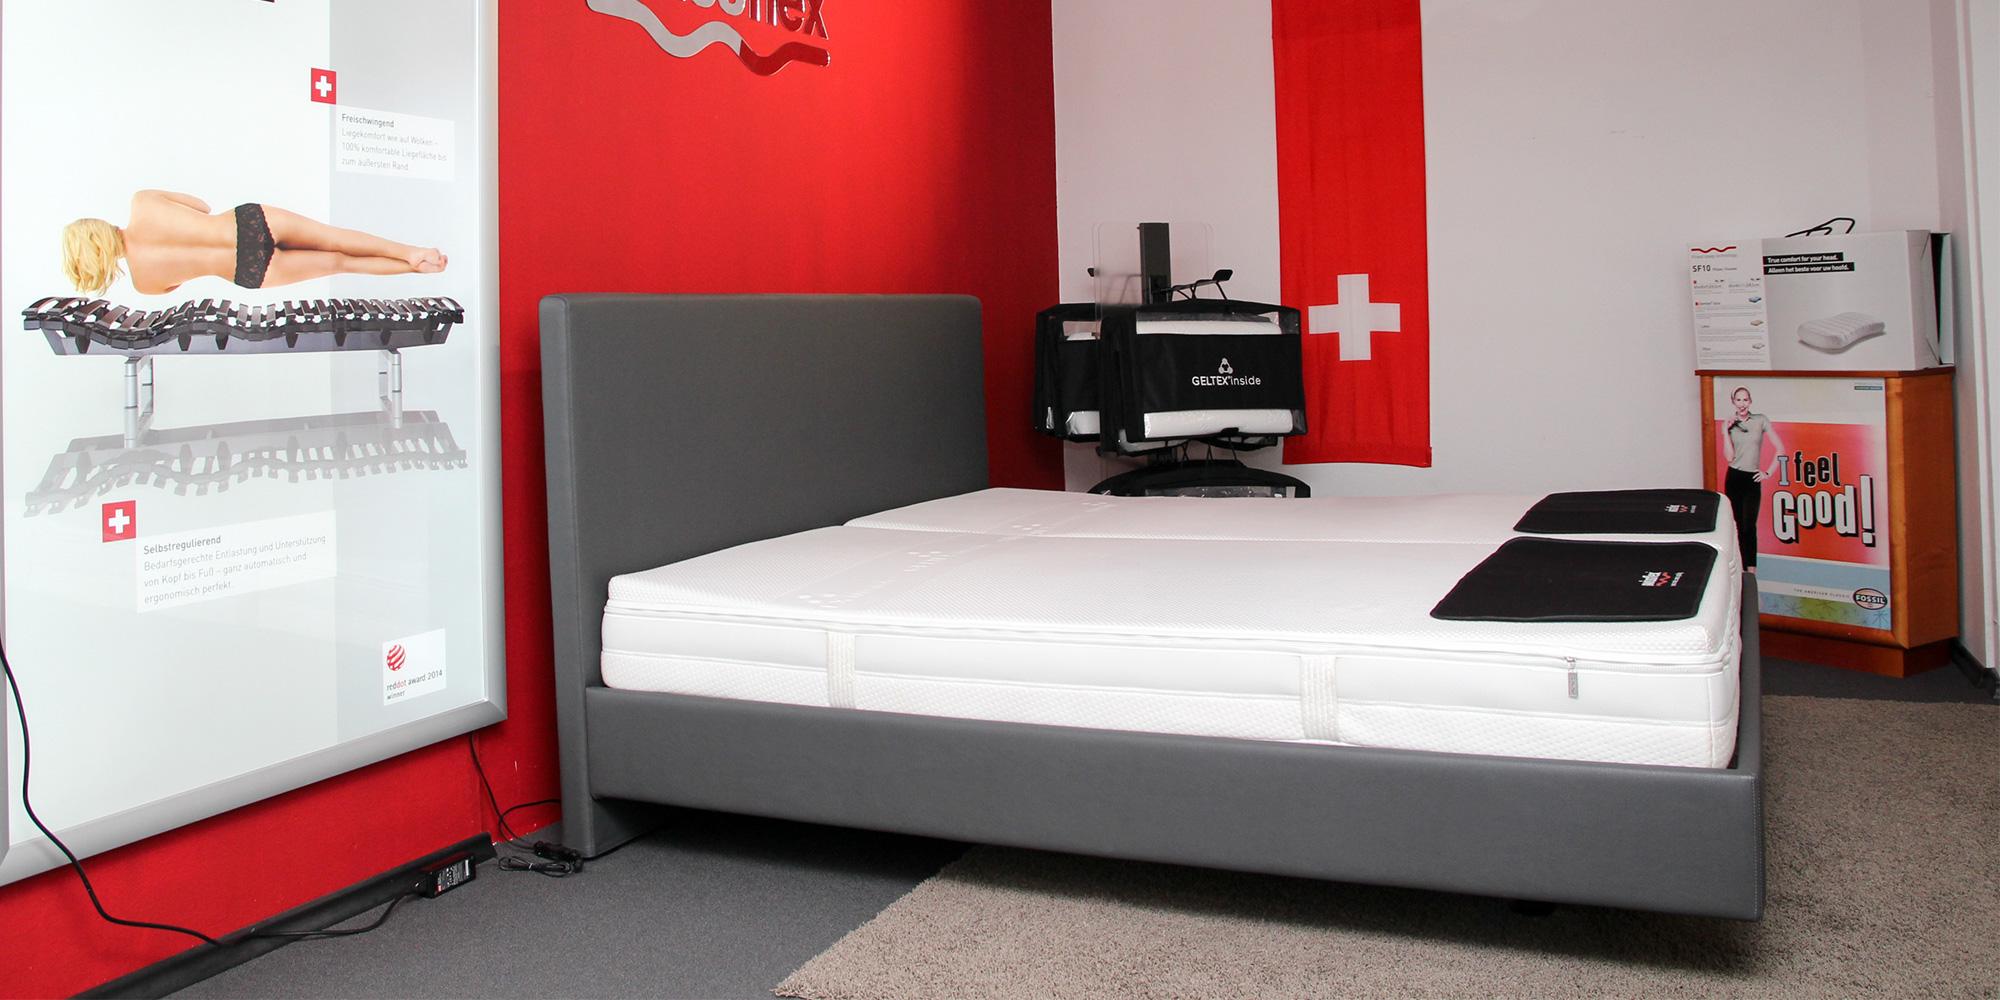 Full Size of Boxspring Betten Boxspringbetten Fr Unterschleiheim Ihr Neues Bett Bei Wirth Schlafzimmer Set Mit Boxspringbett Außergewöhnliche Französische Weiß Bett Boxspring Betten